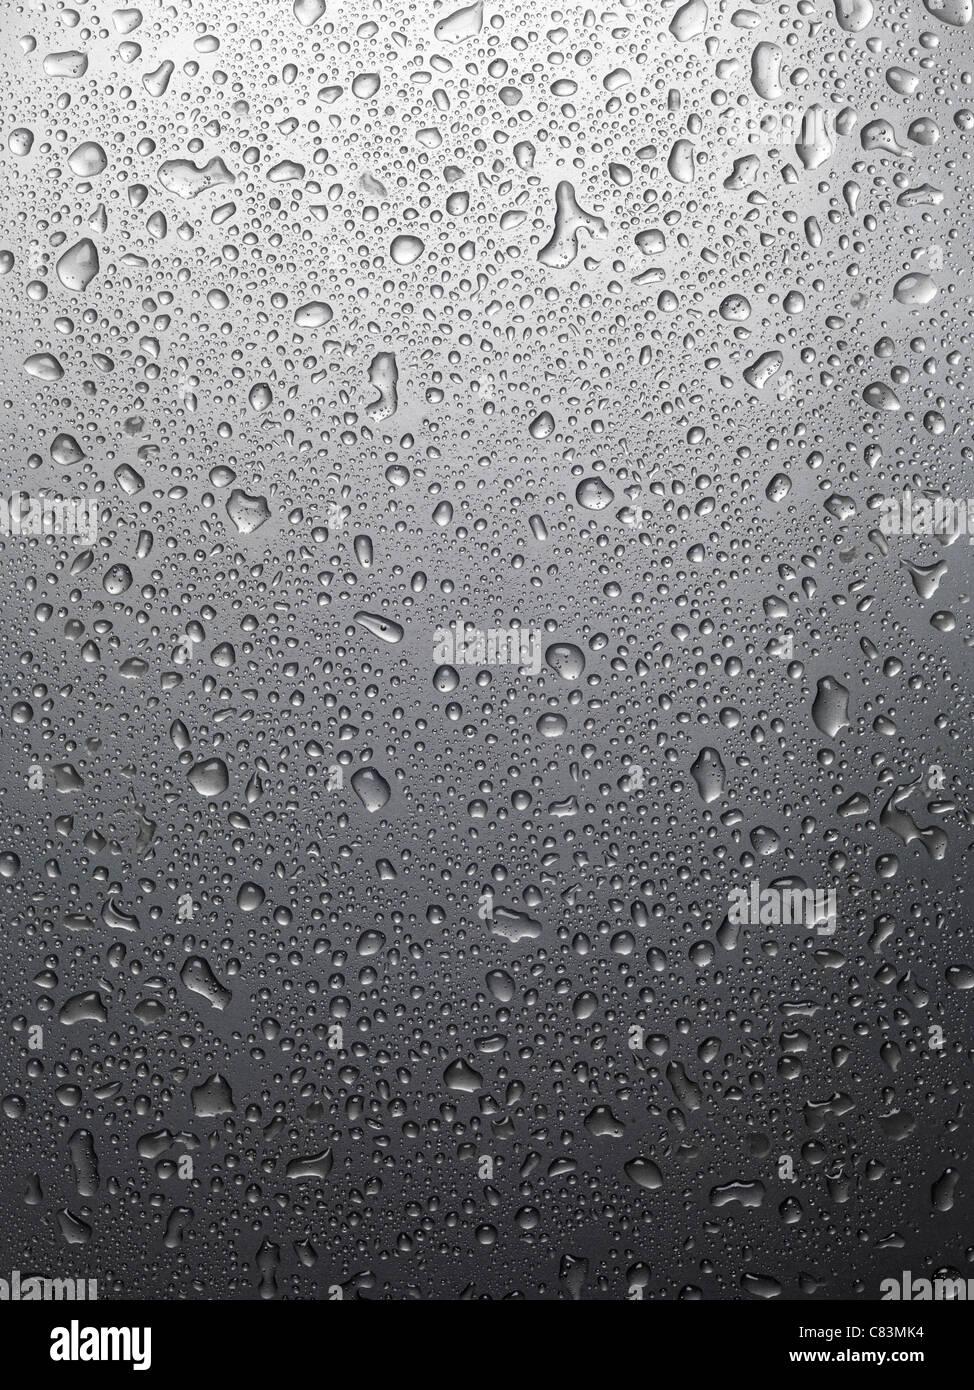 Wet Lucido metallo grigio con gocce di acqua texture di sfondo Immagini Stock